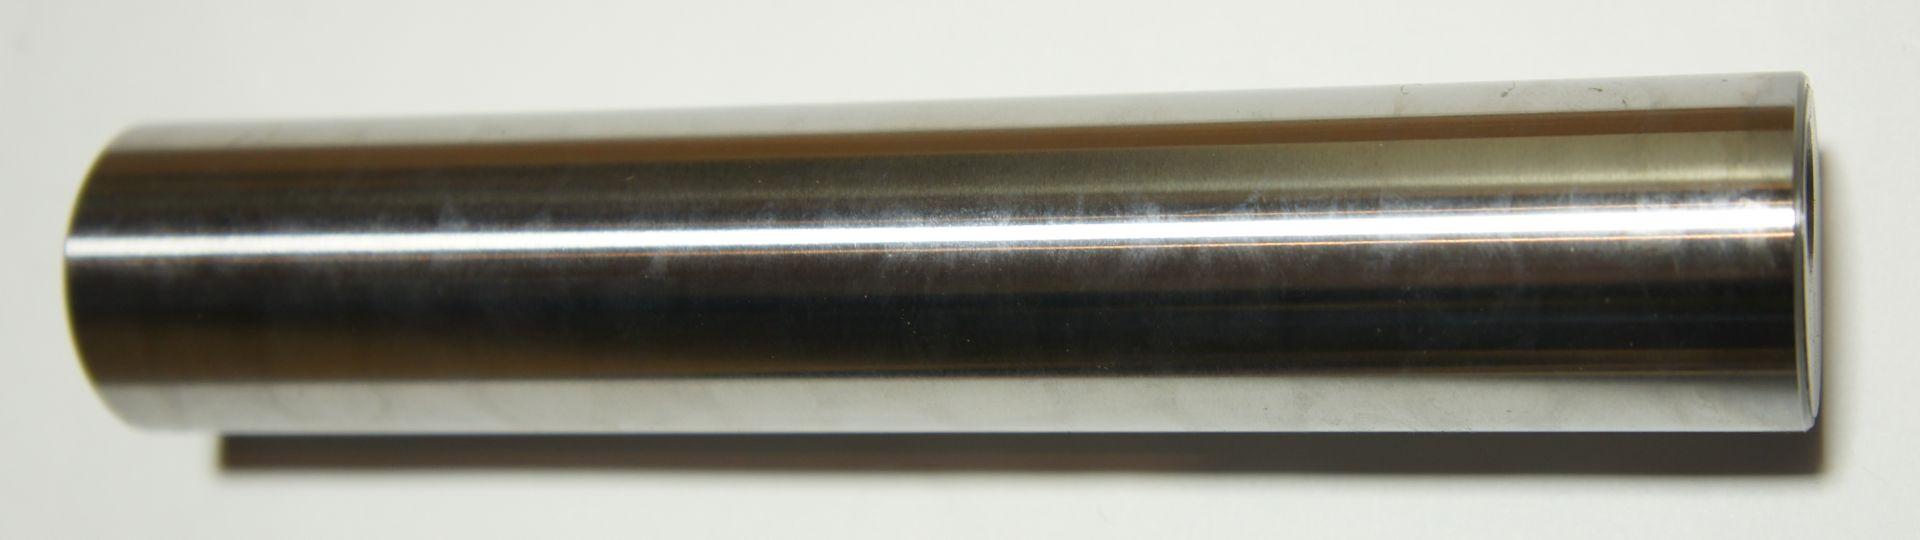 Kompressionshülse (26mm) für HW77 und HW97 Luftgewehre